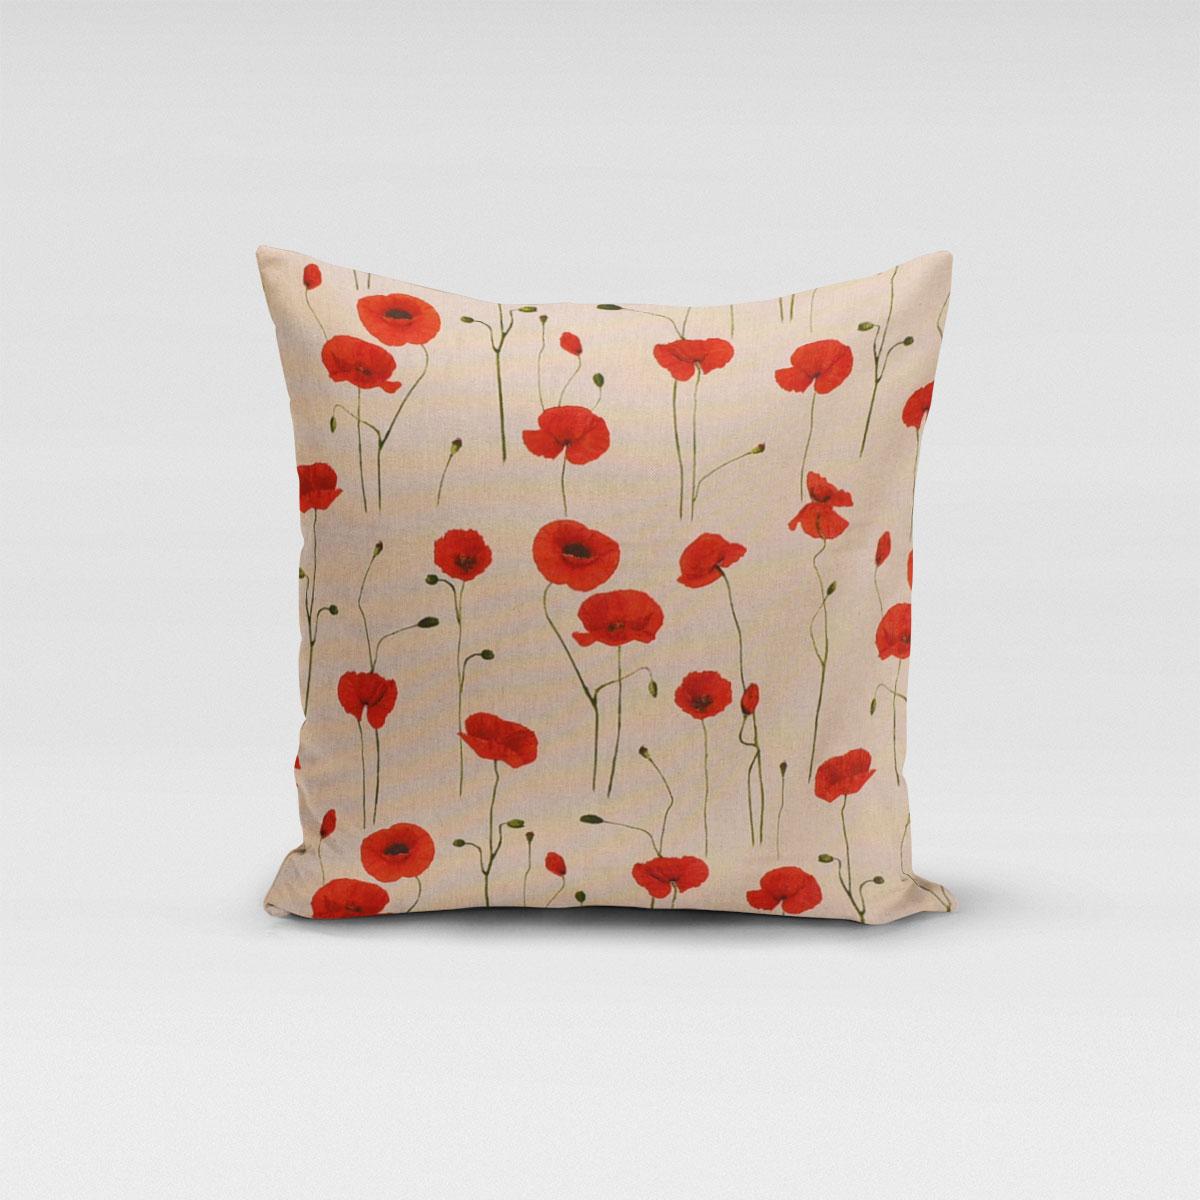 SCHÖNER LEBEN. Kissenhülle Leinenlook Poppy Field Mohnblumen natur rot verschiedene Größen